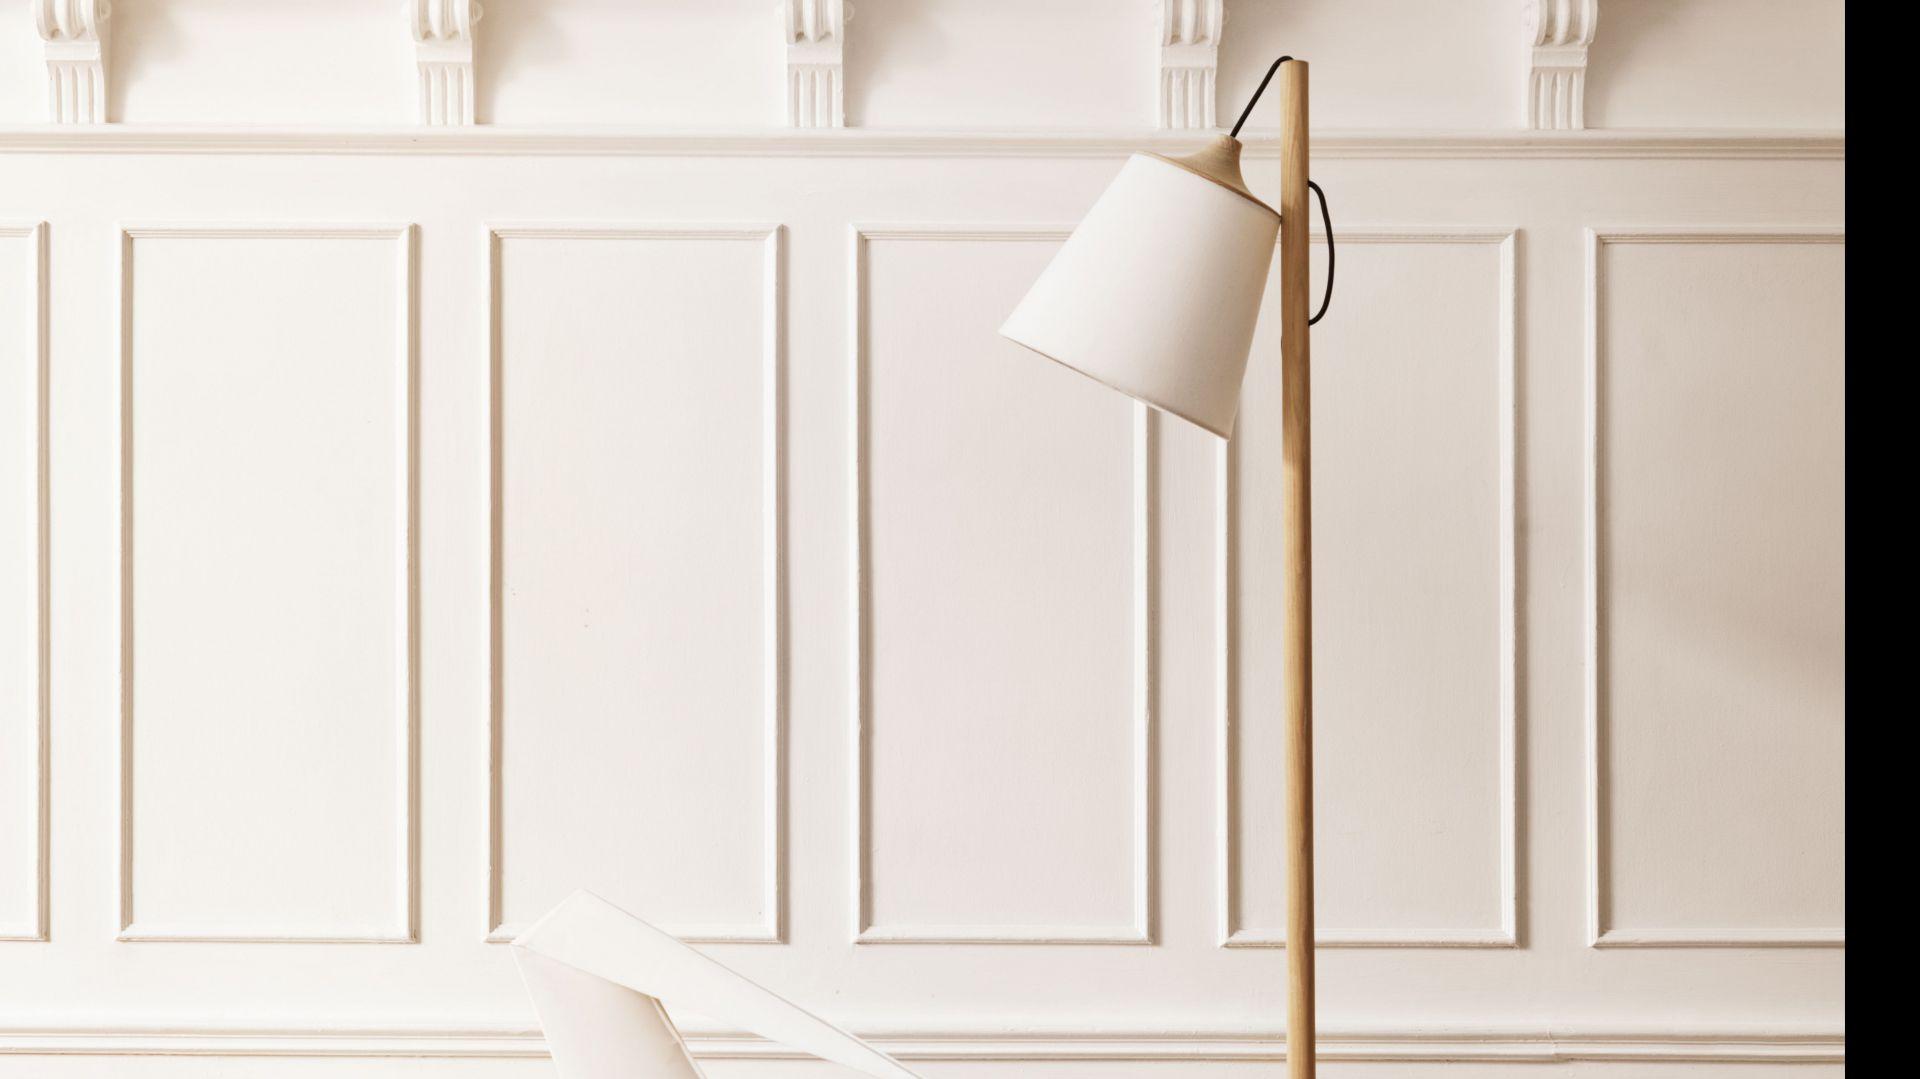 Lampa Pull to typowy przedstawiciel skandynawskiego wzornictwa. Kabel lampy częściowo ukryty w nodze i bazie lampy umożliwia regulację pozycji klosza. Wystarczy jednym ruchem pociągnąć za kabel by zmienić kąt padania światła i charakter całej lampy. Cena: ok. 1.600 zł, sprzedaż: Atakdesign.pl.